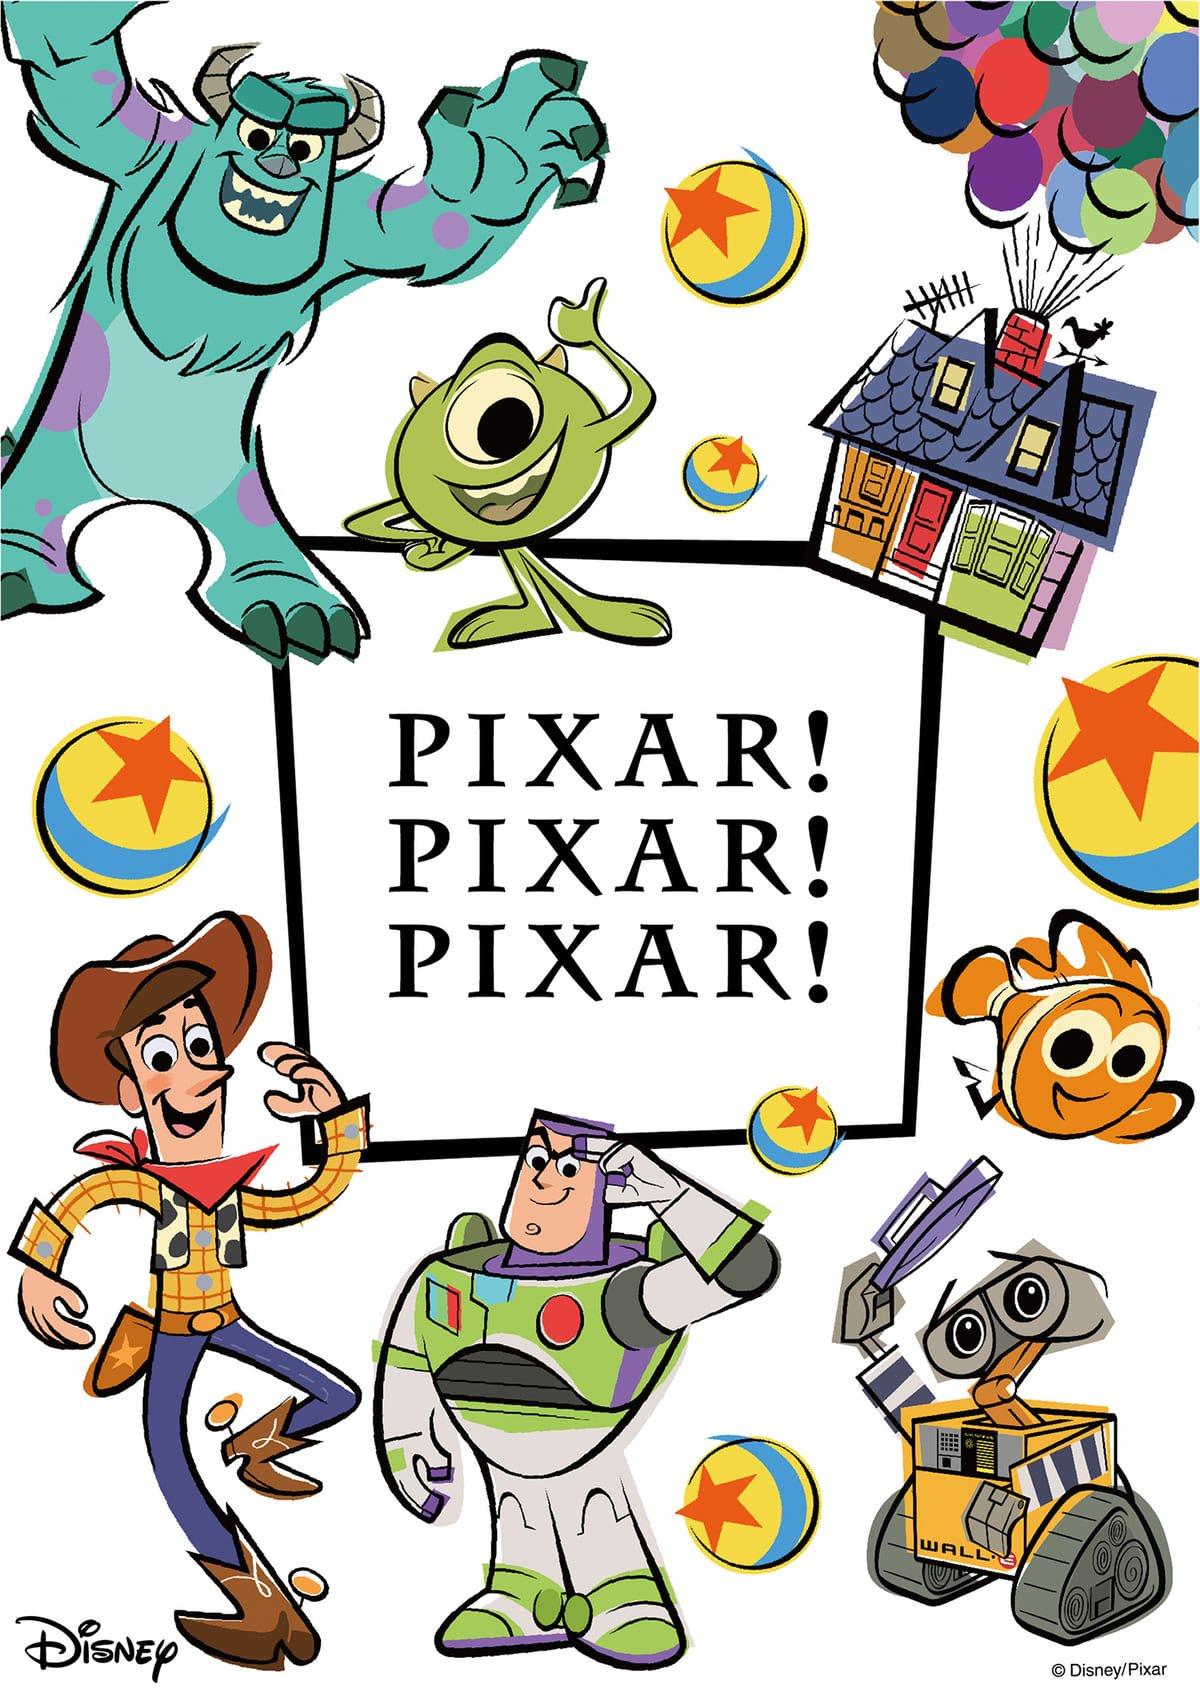 『トイ・ストーリー 』などディズニー&ピクサーのオリジナルグッズが勢ぞろい!PIXAR! PIXAR! PIXAR!